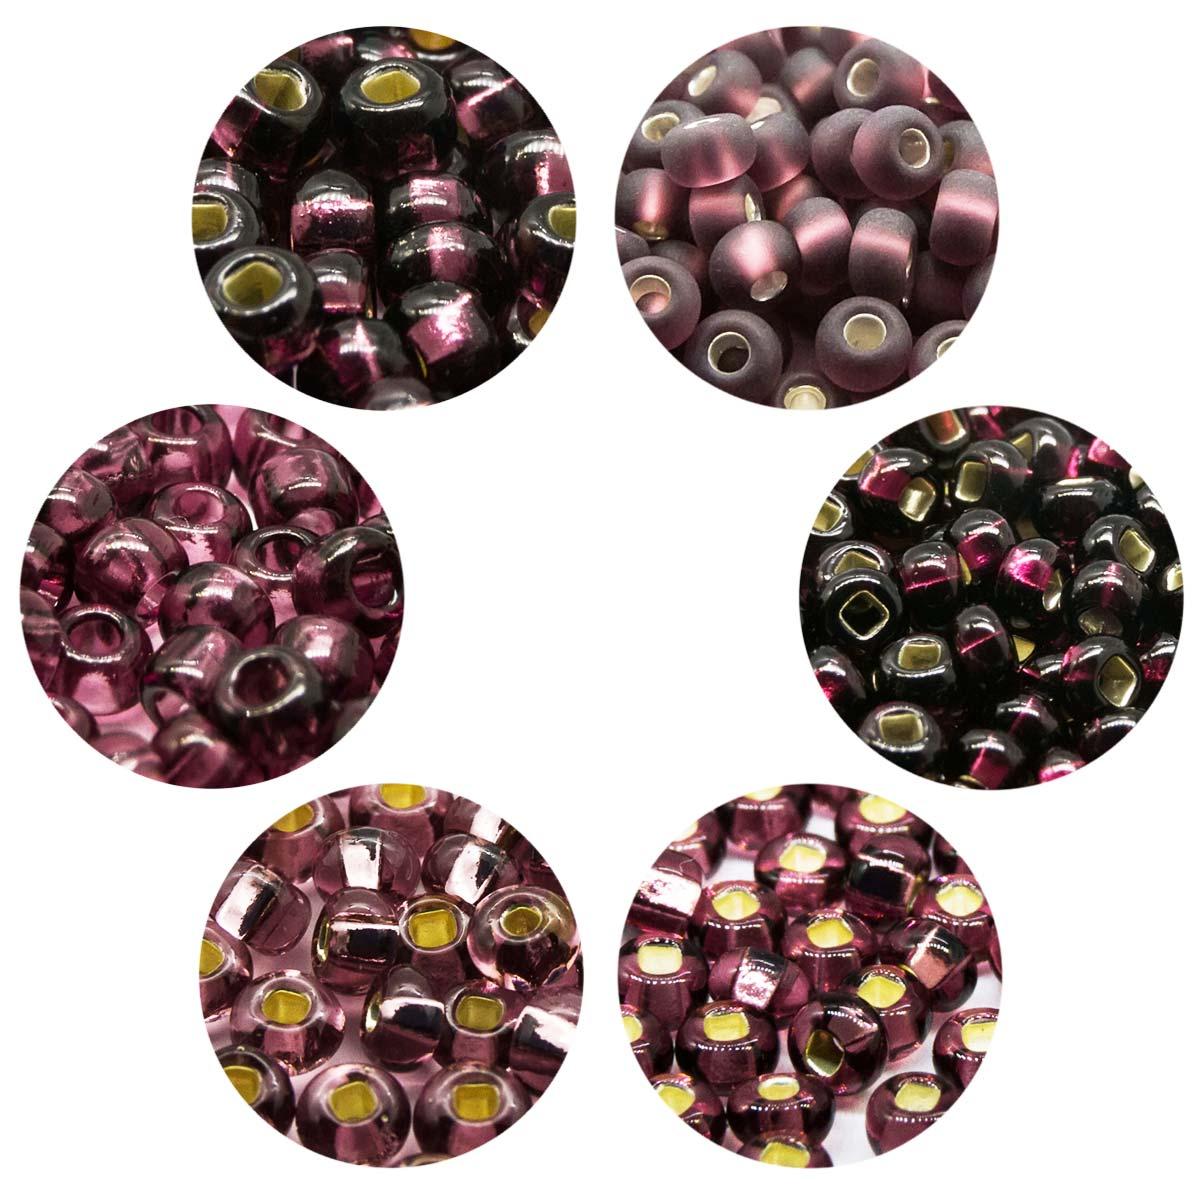 Набор бисера 11, размеры 7-10/0, 6 цветов, 6 (+/-0,5) гр, Preciosa